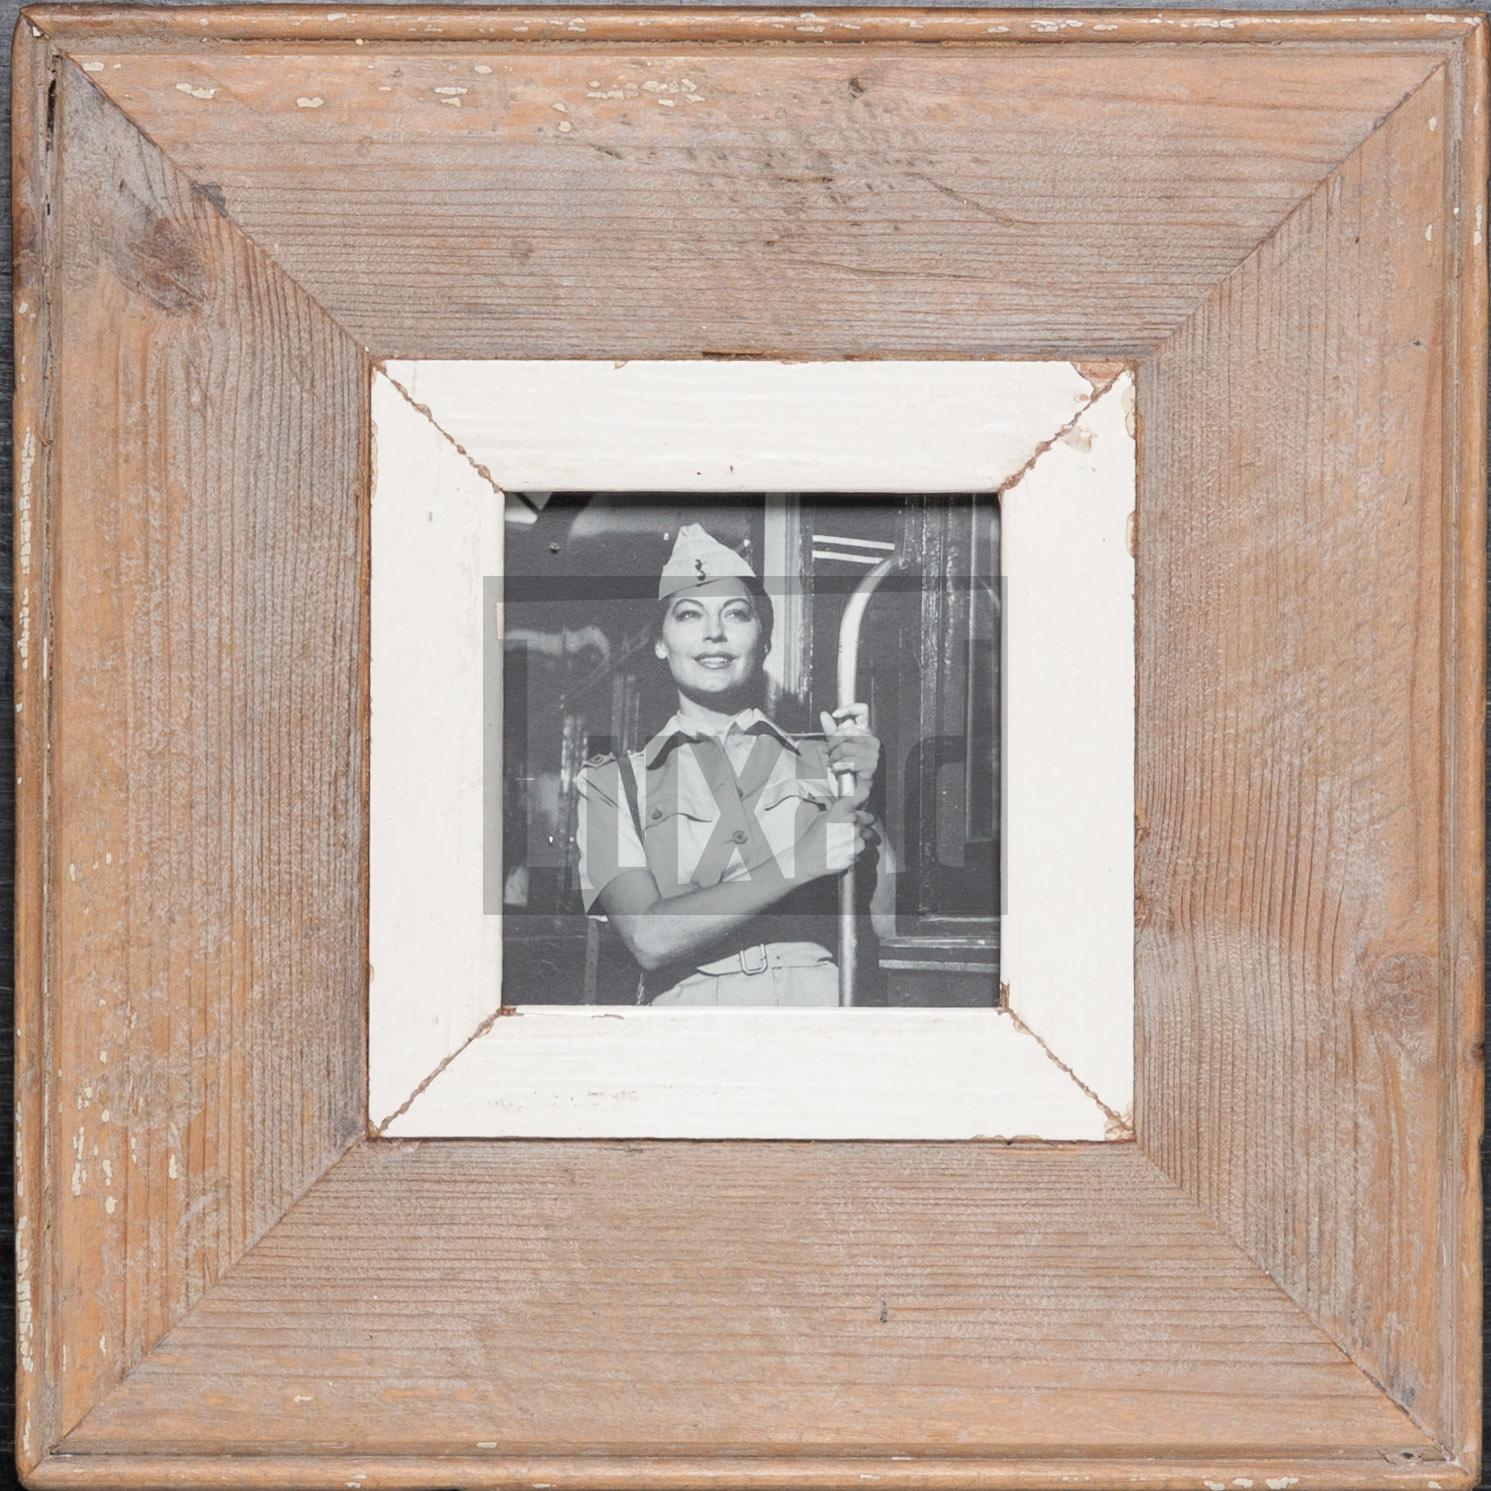 Quadratischer Vintage-Bilderrahmen für kleine quadratische Fotos